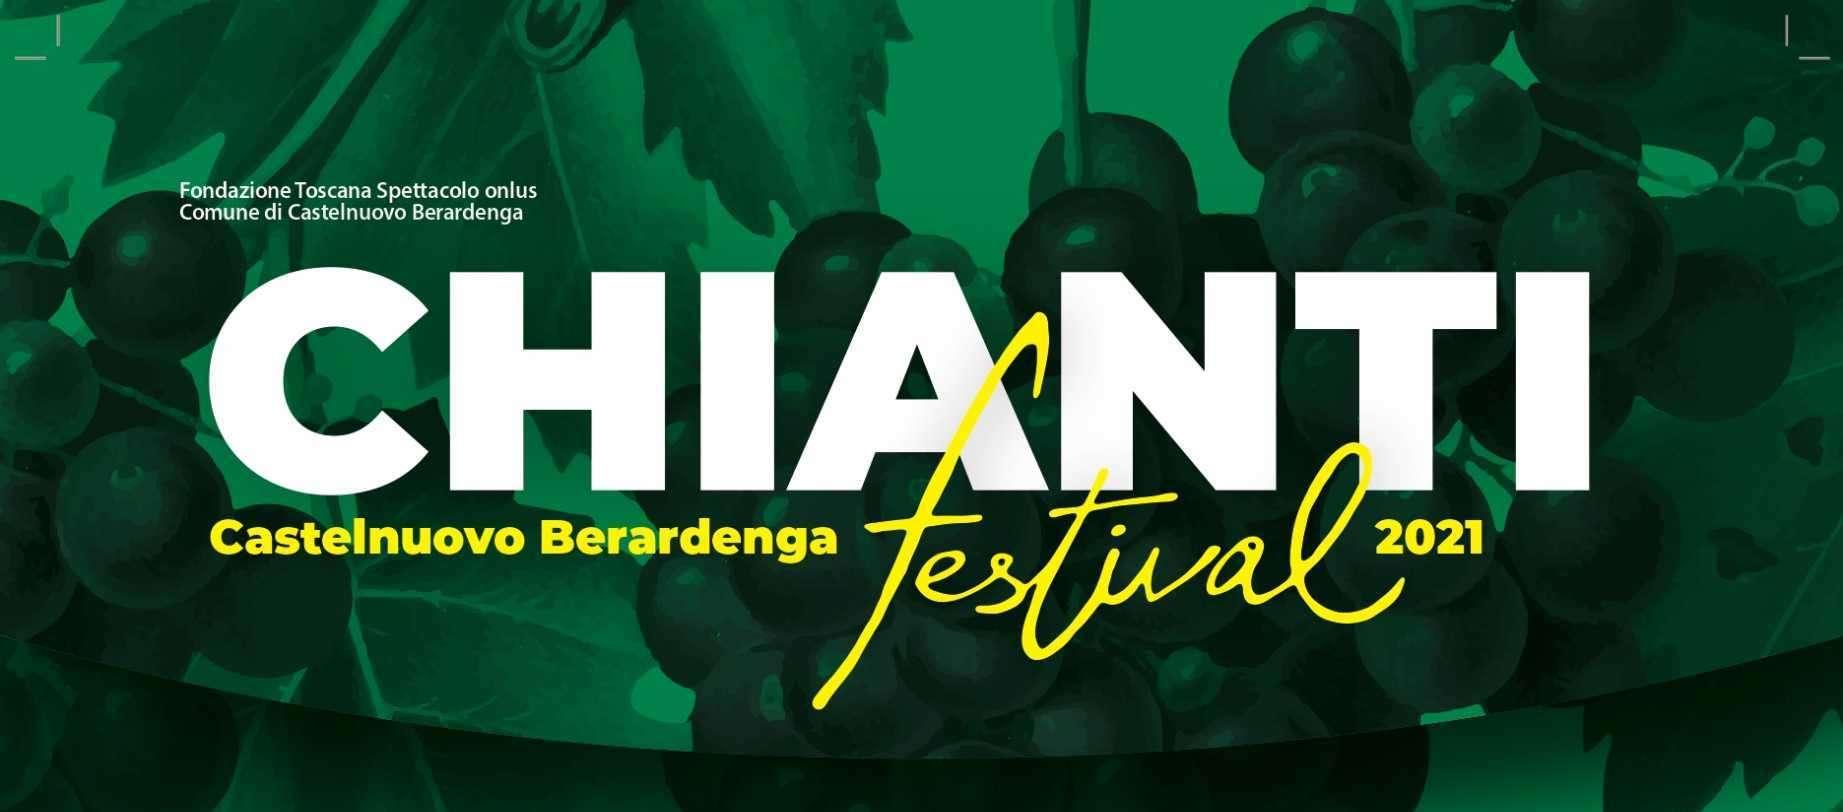 chianti festival 2021